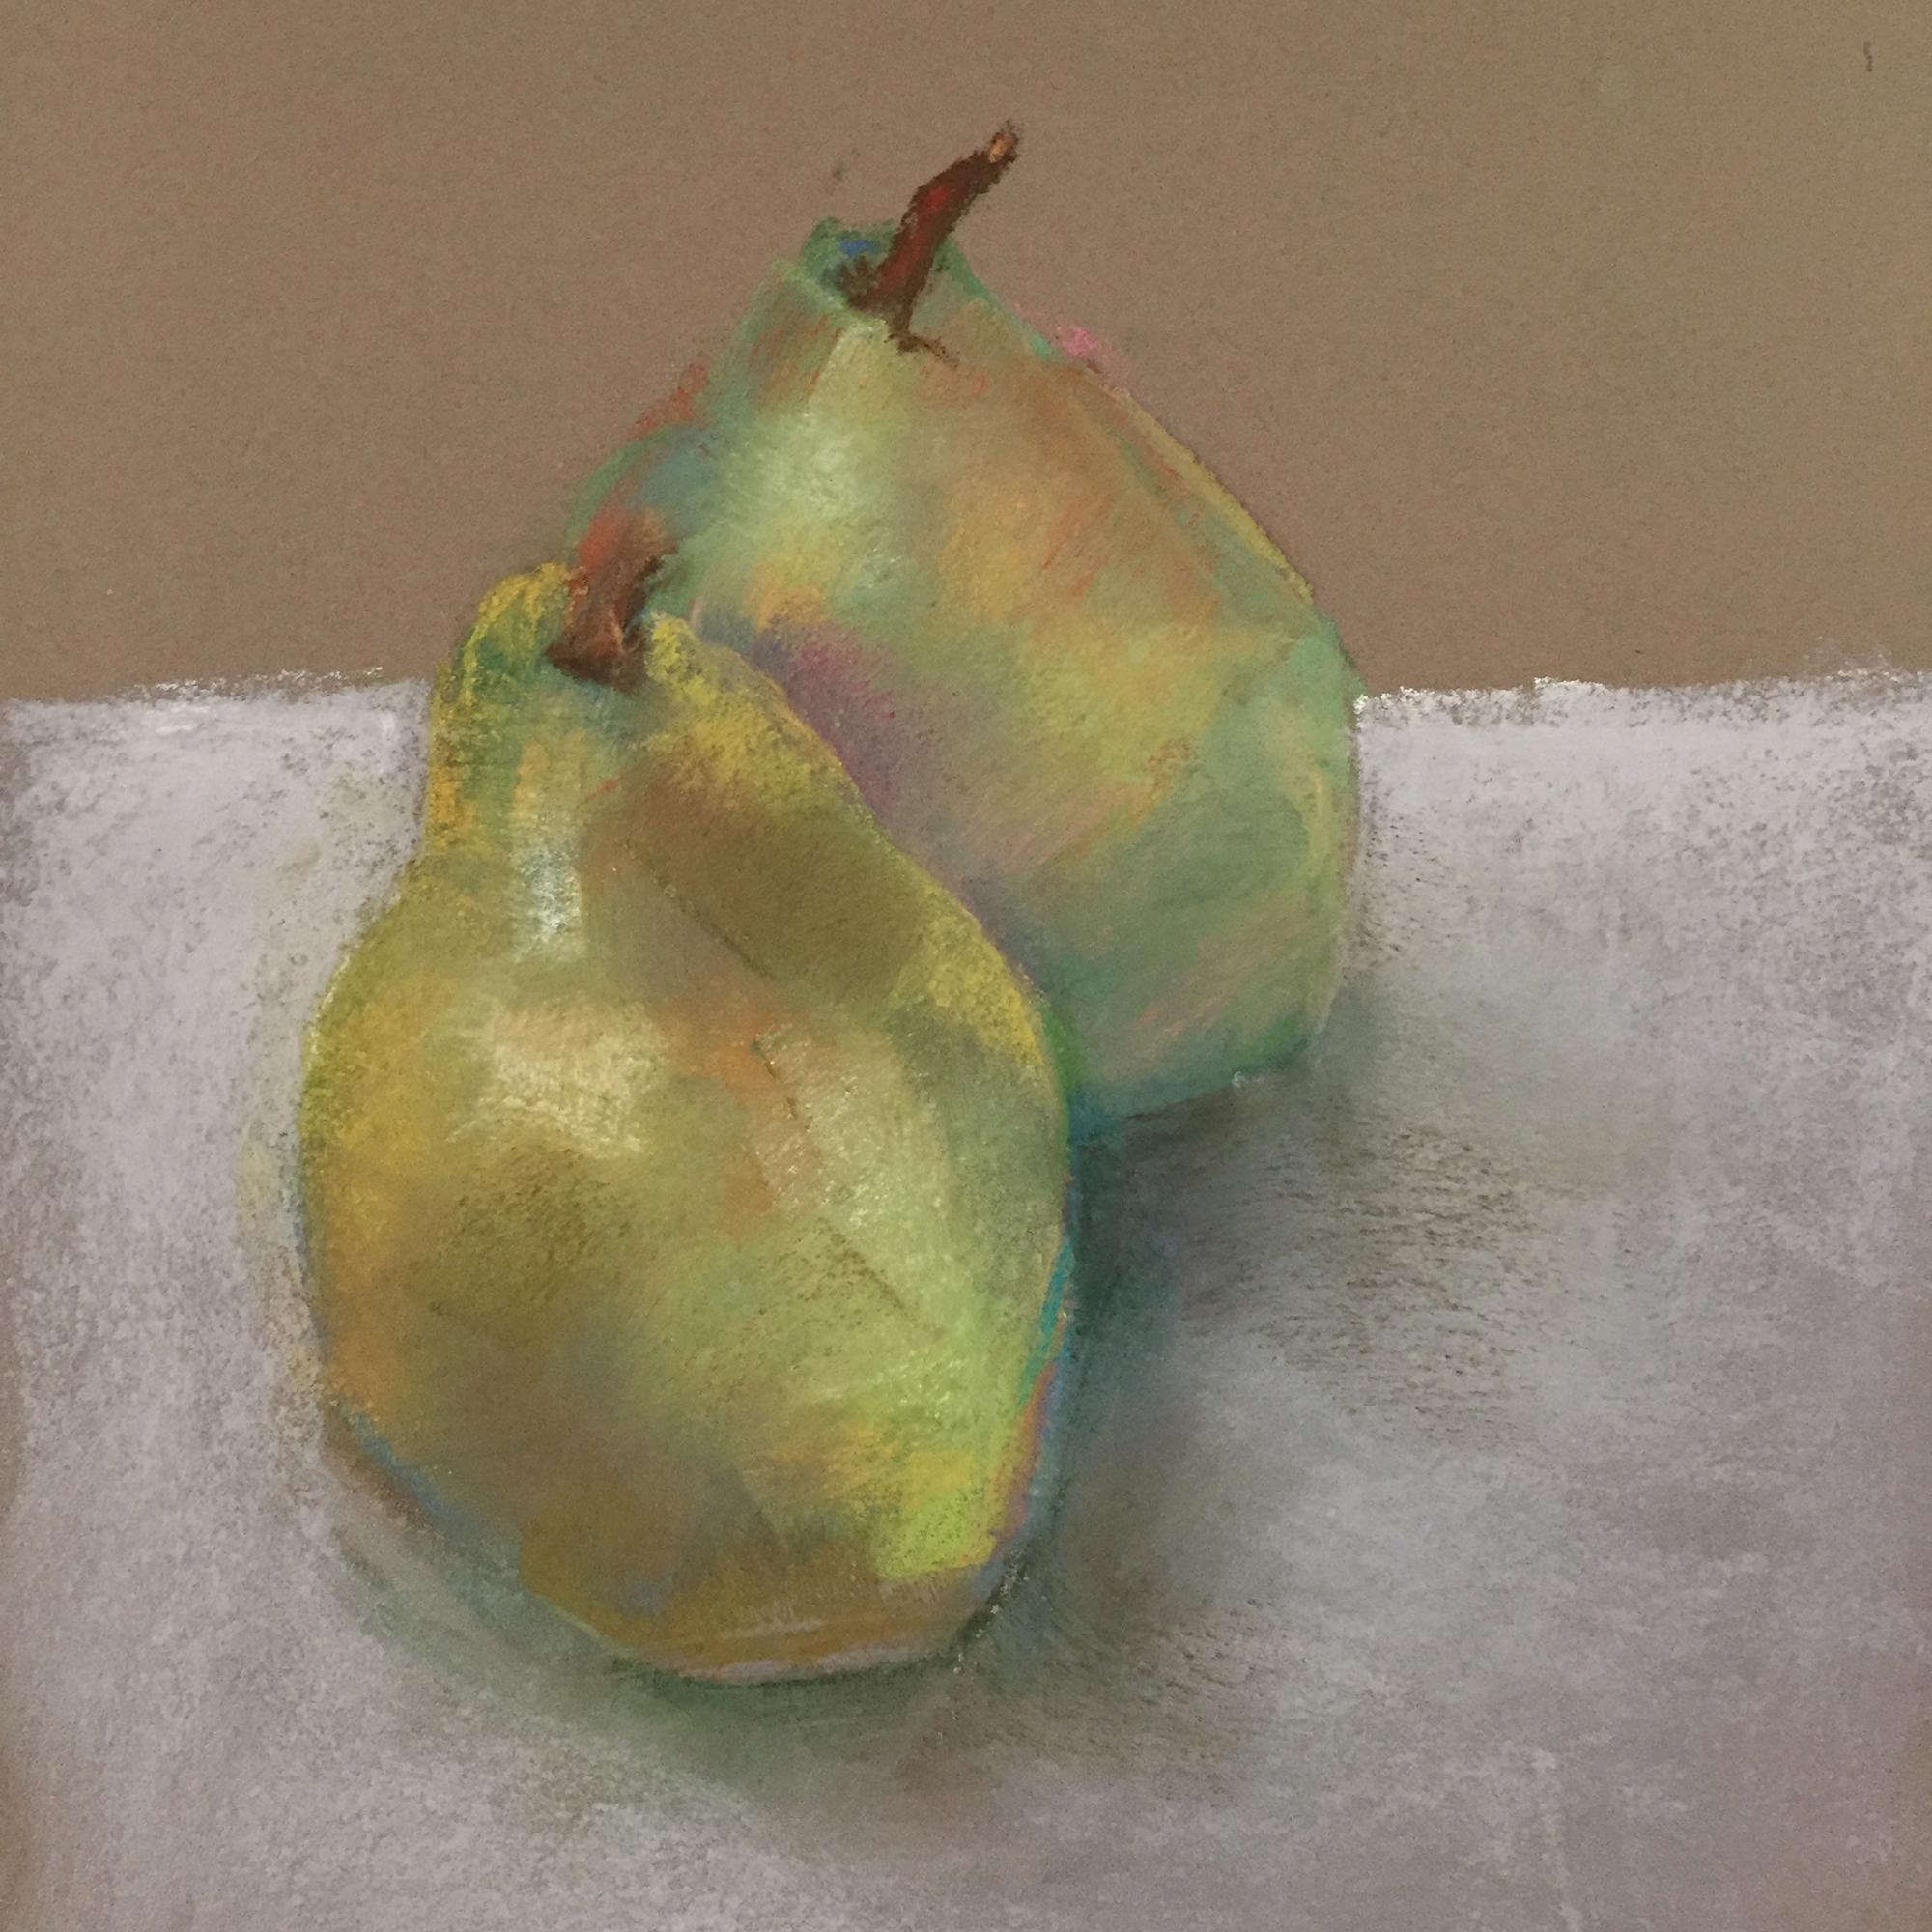 lpritchard_2018_2_green_pears.jpg